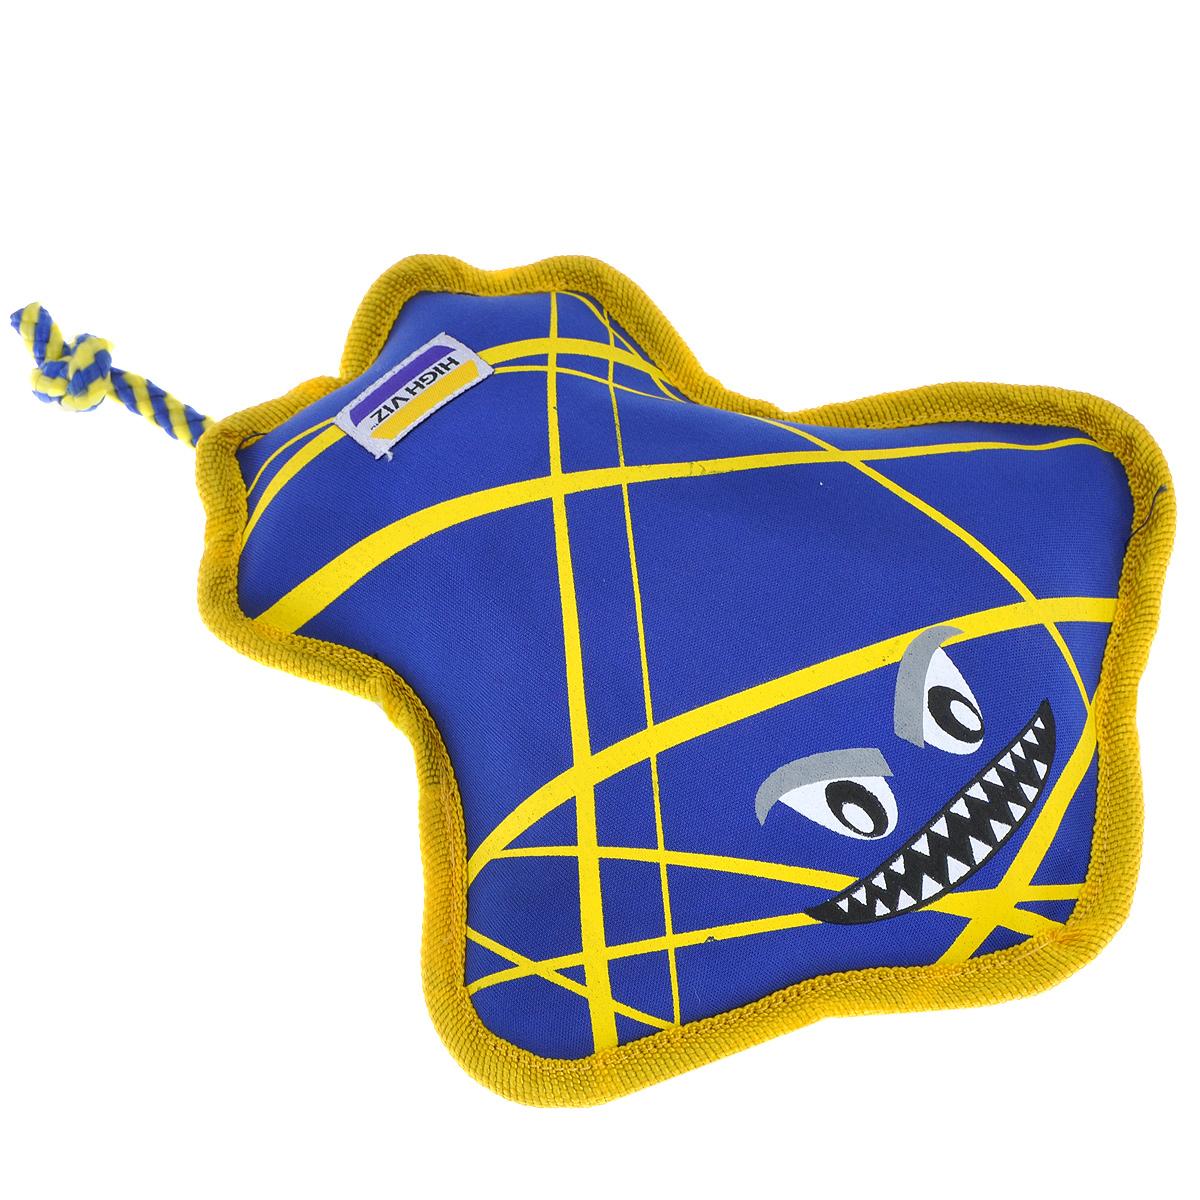 """Игрушка для собак R2P Pet """"High-Viz. Скат"""", плавающая, цвет: синий, желтый. 0153"""